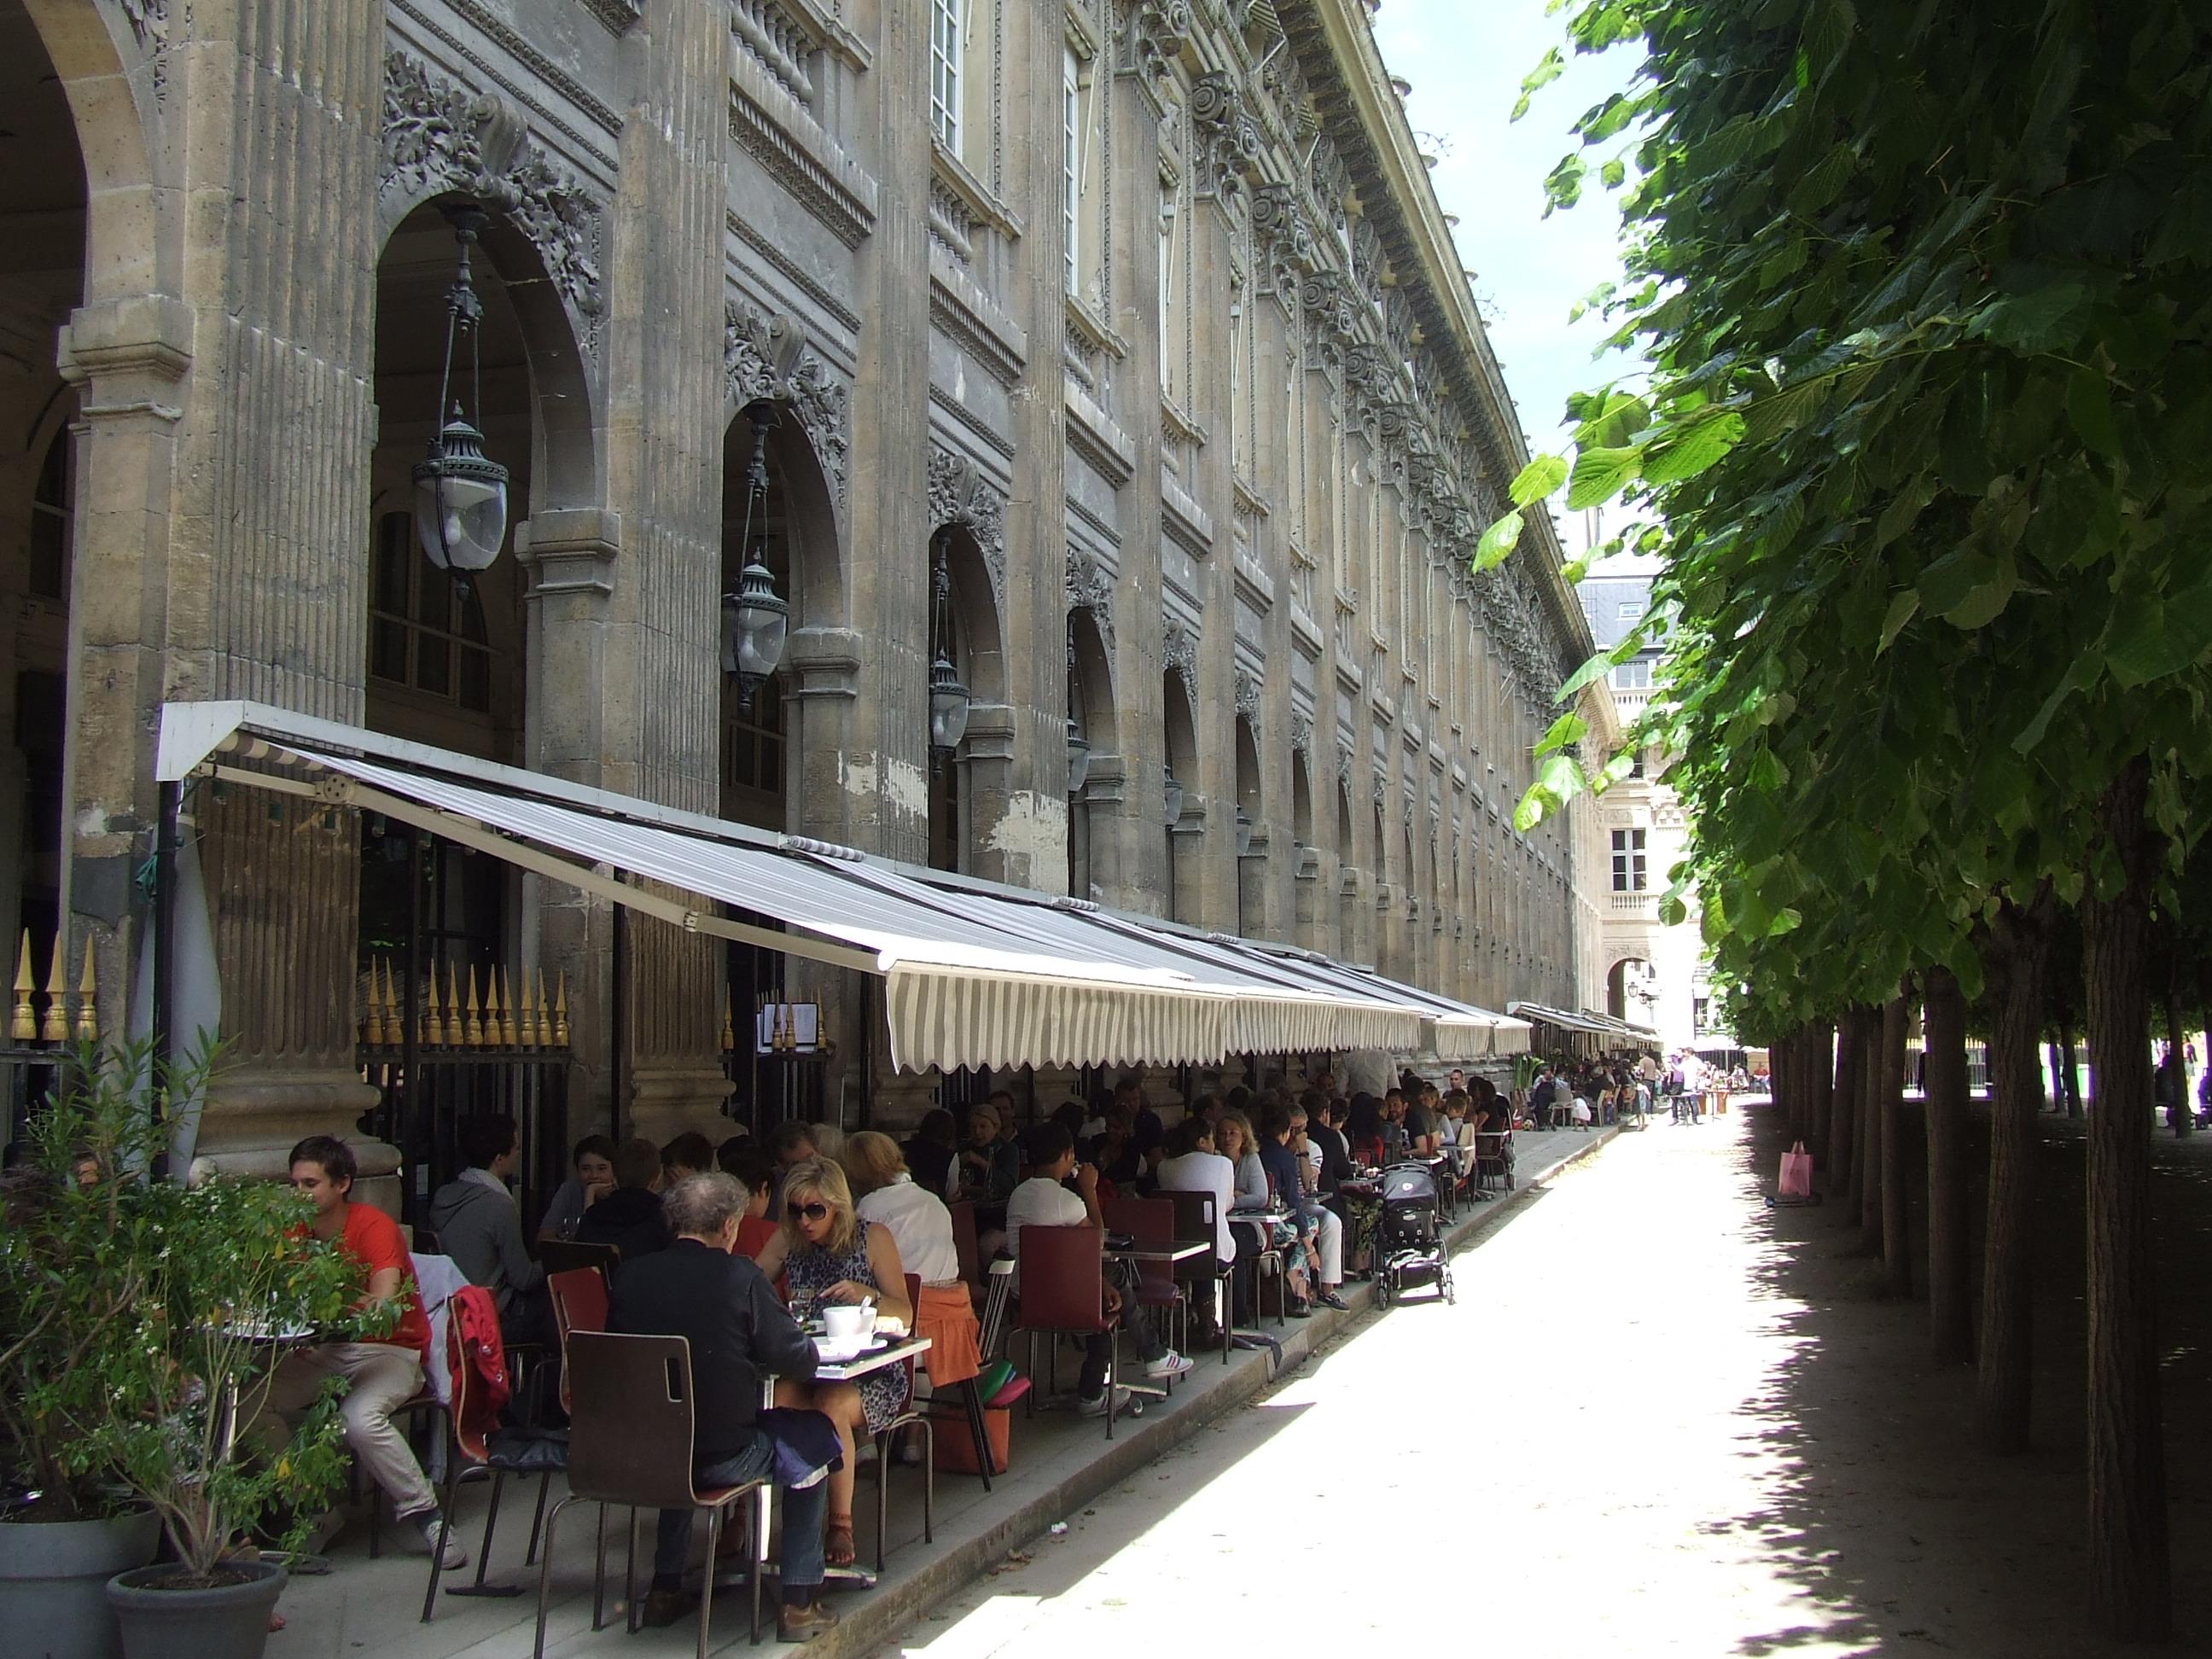 Jardin du palais royal juliet in paris for Jardin secret paris